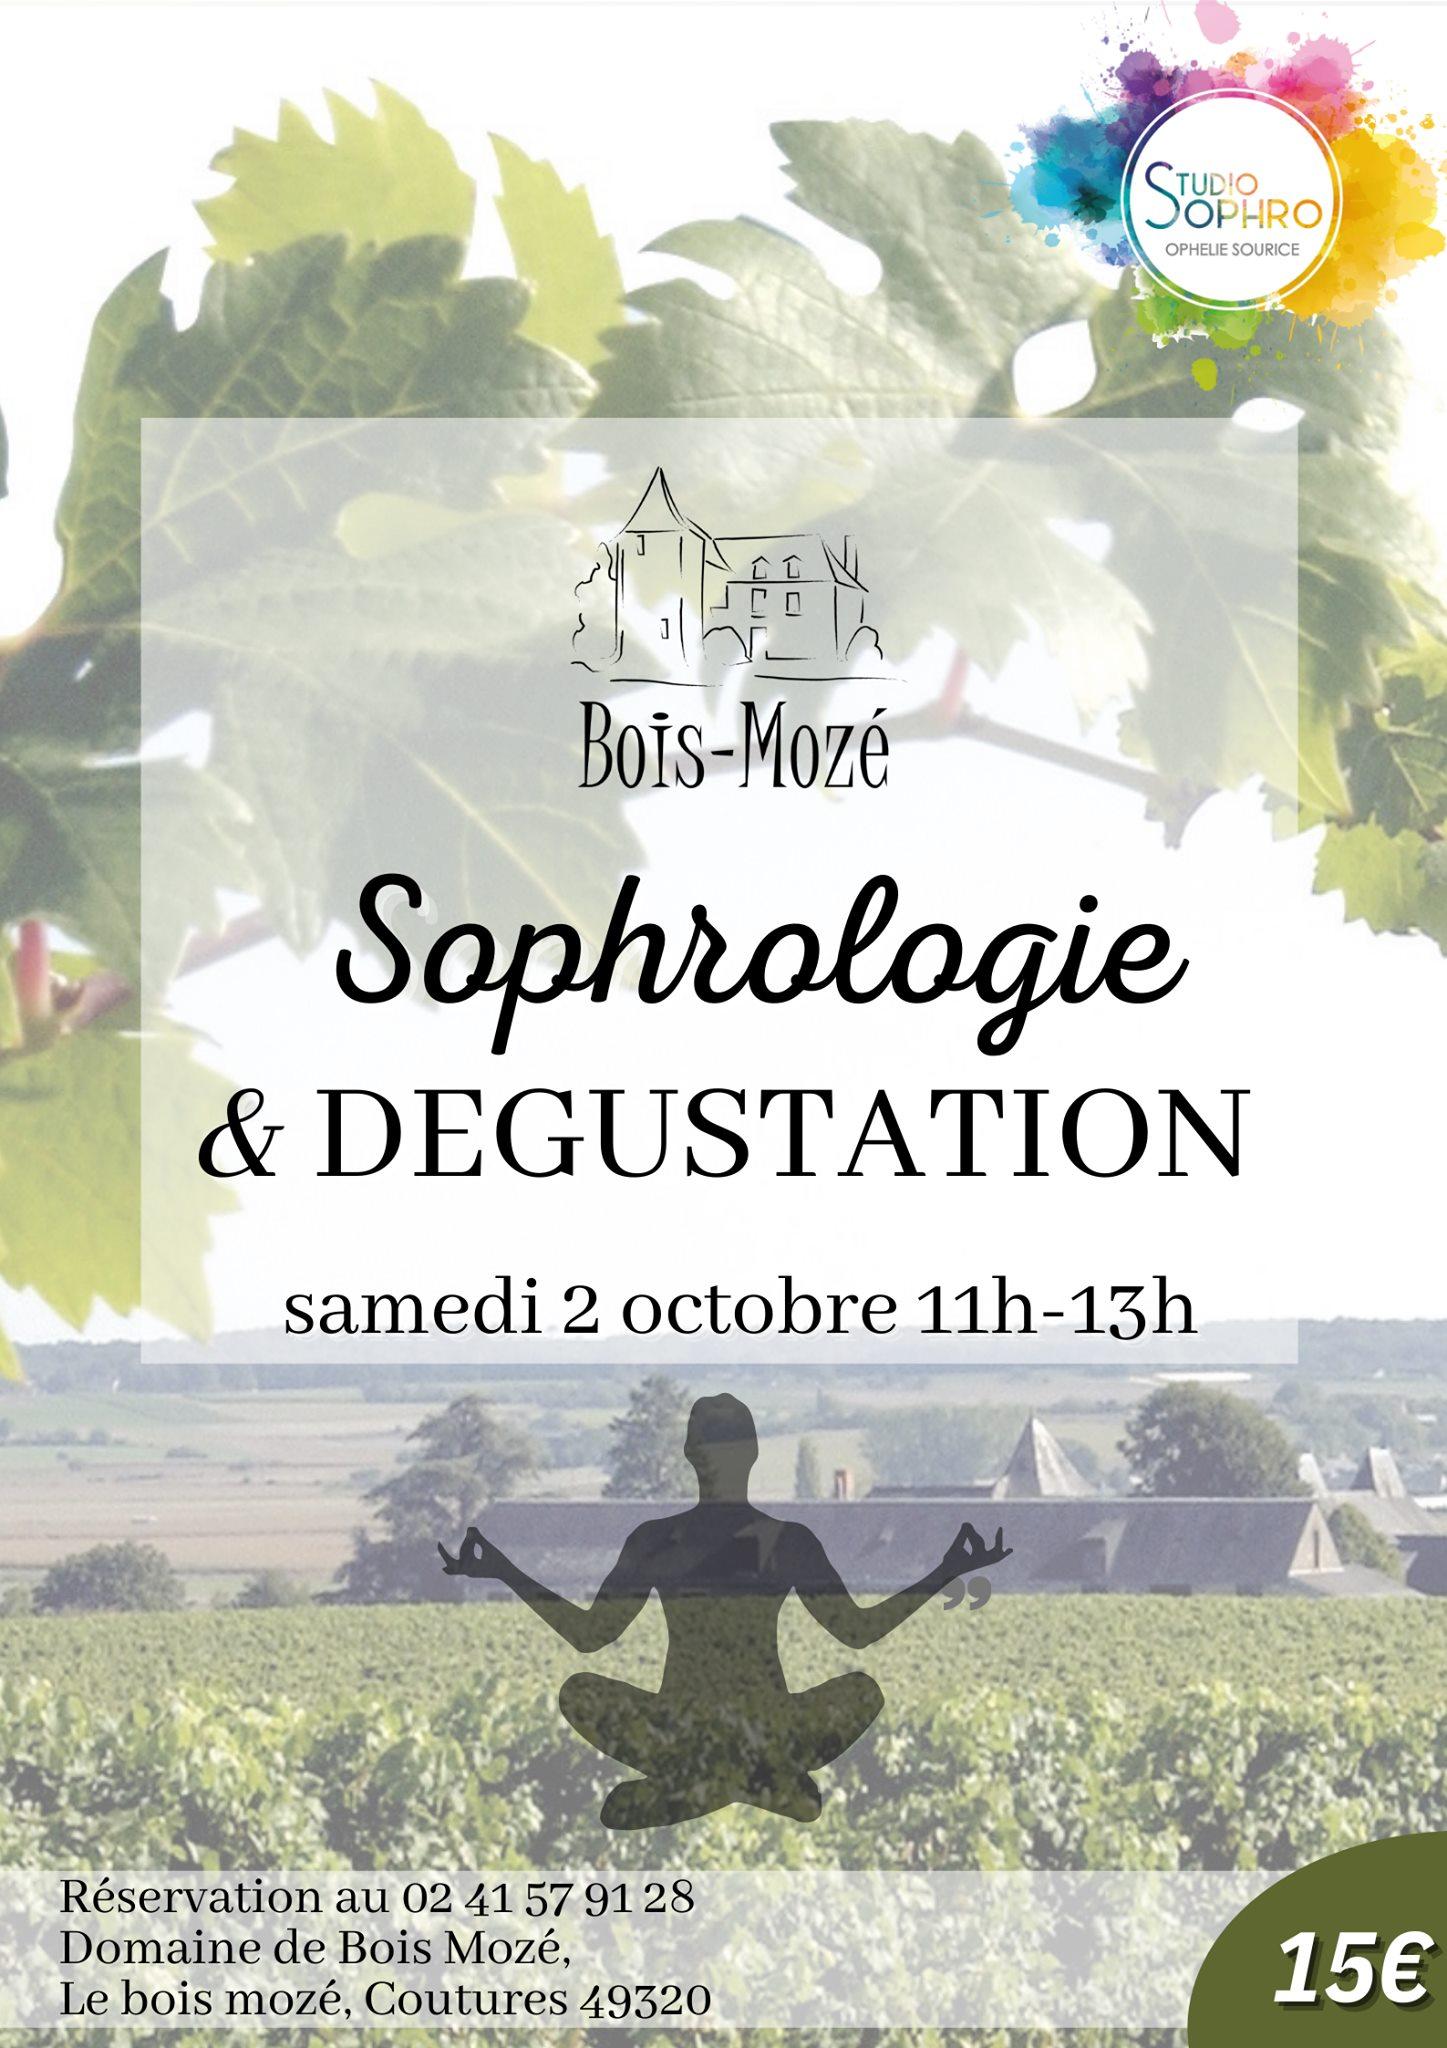 Événement à Bois Mozé : Sophrologie dans les vignes le 2 octobre 2021.